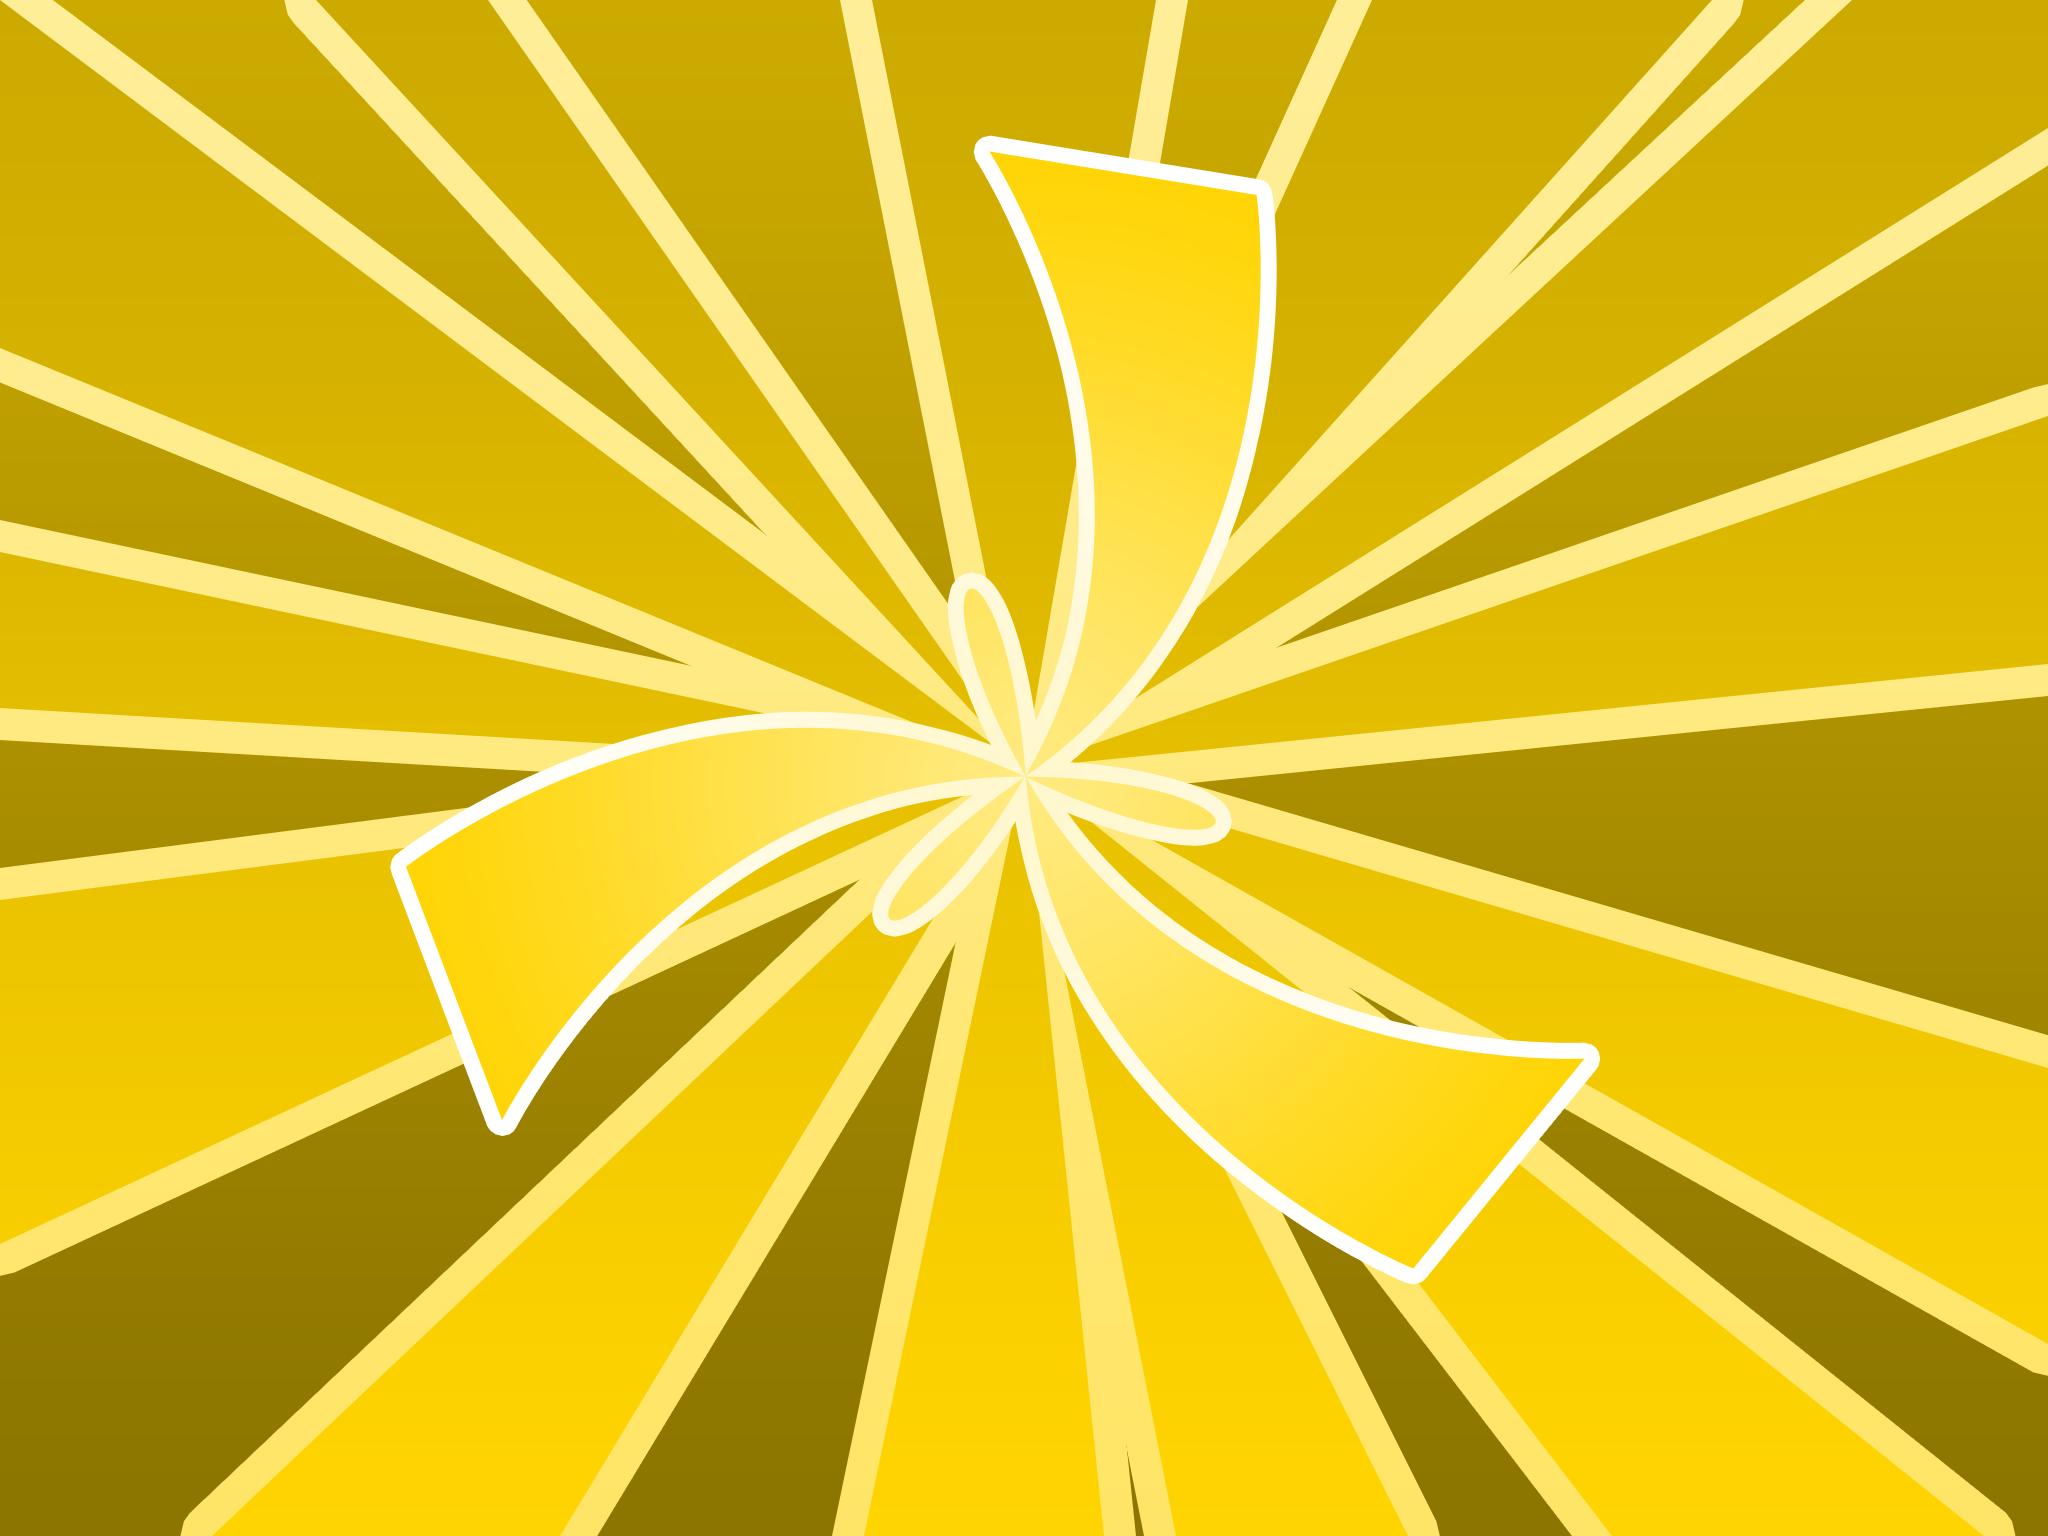 Tri-Spiral